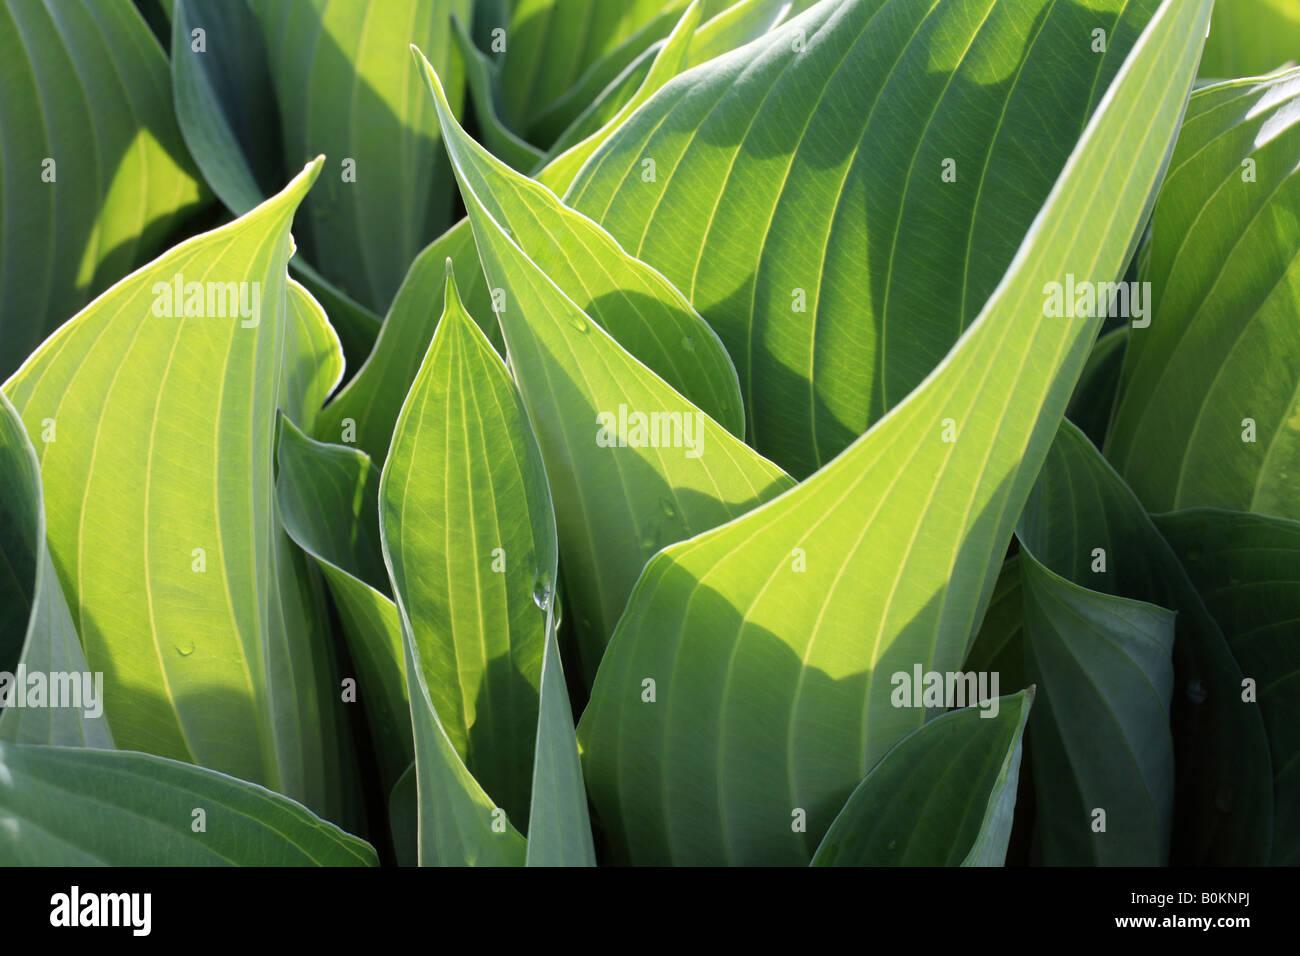 """Hosta lascia """"Piantaggine lily' vicino, foglie verdi con vene distinte. Immagini Stock"""